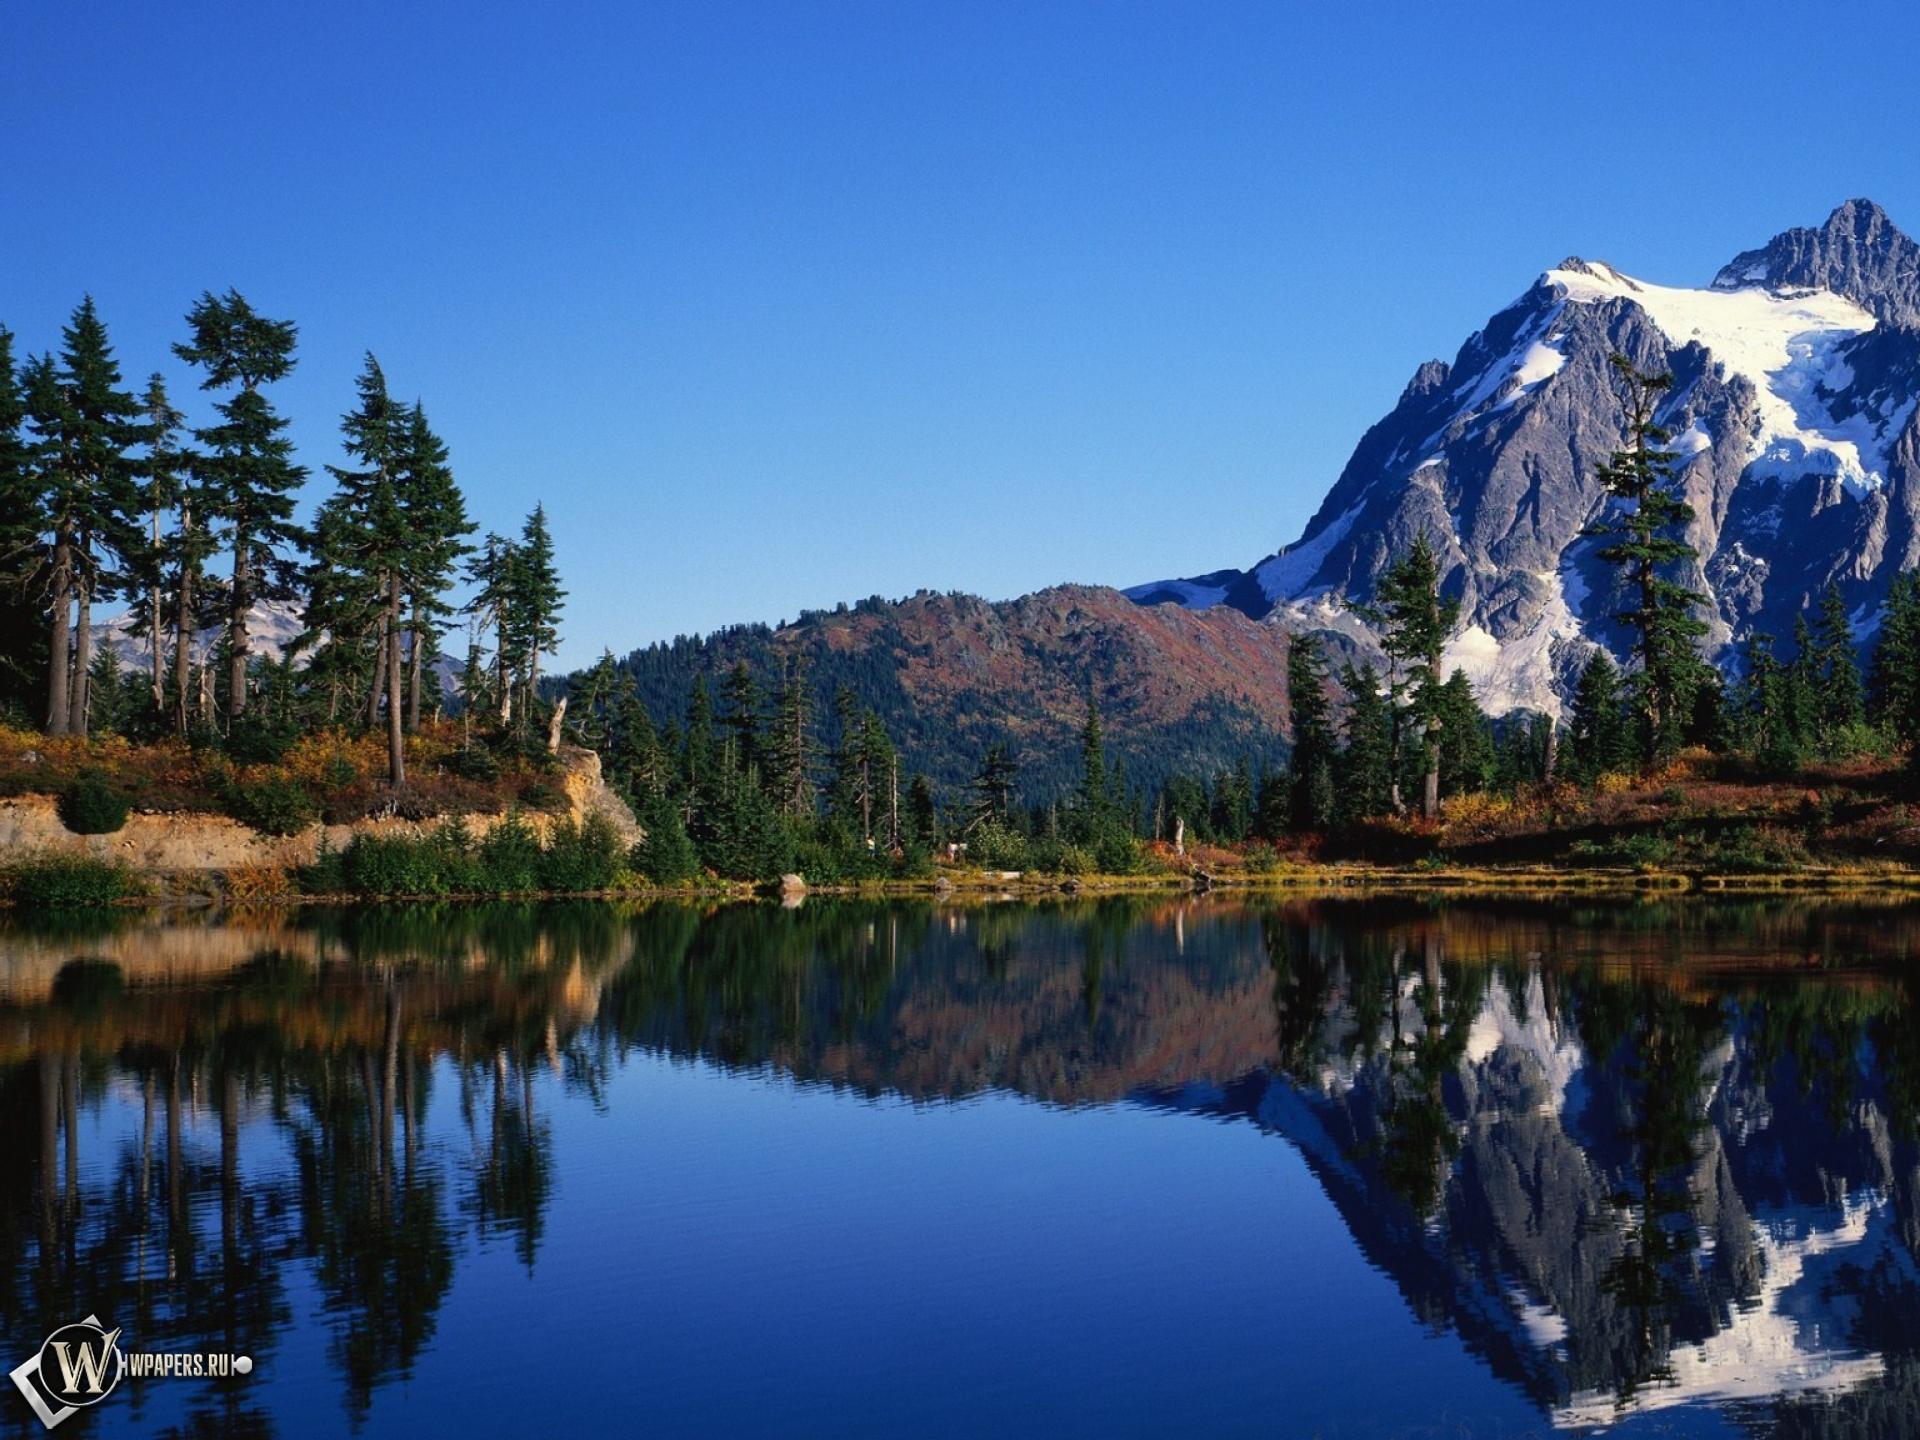 обои на рабочий стол 1280х1024 красивые виды природы торрент № 236923 без смс